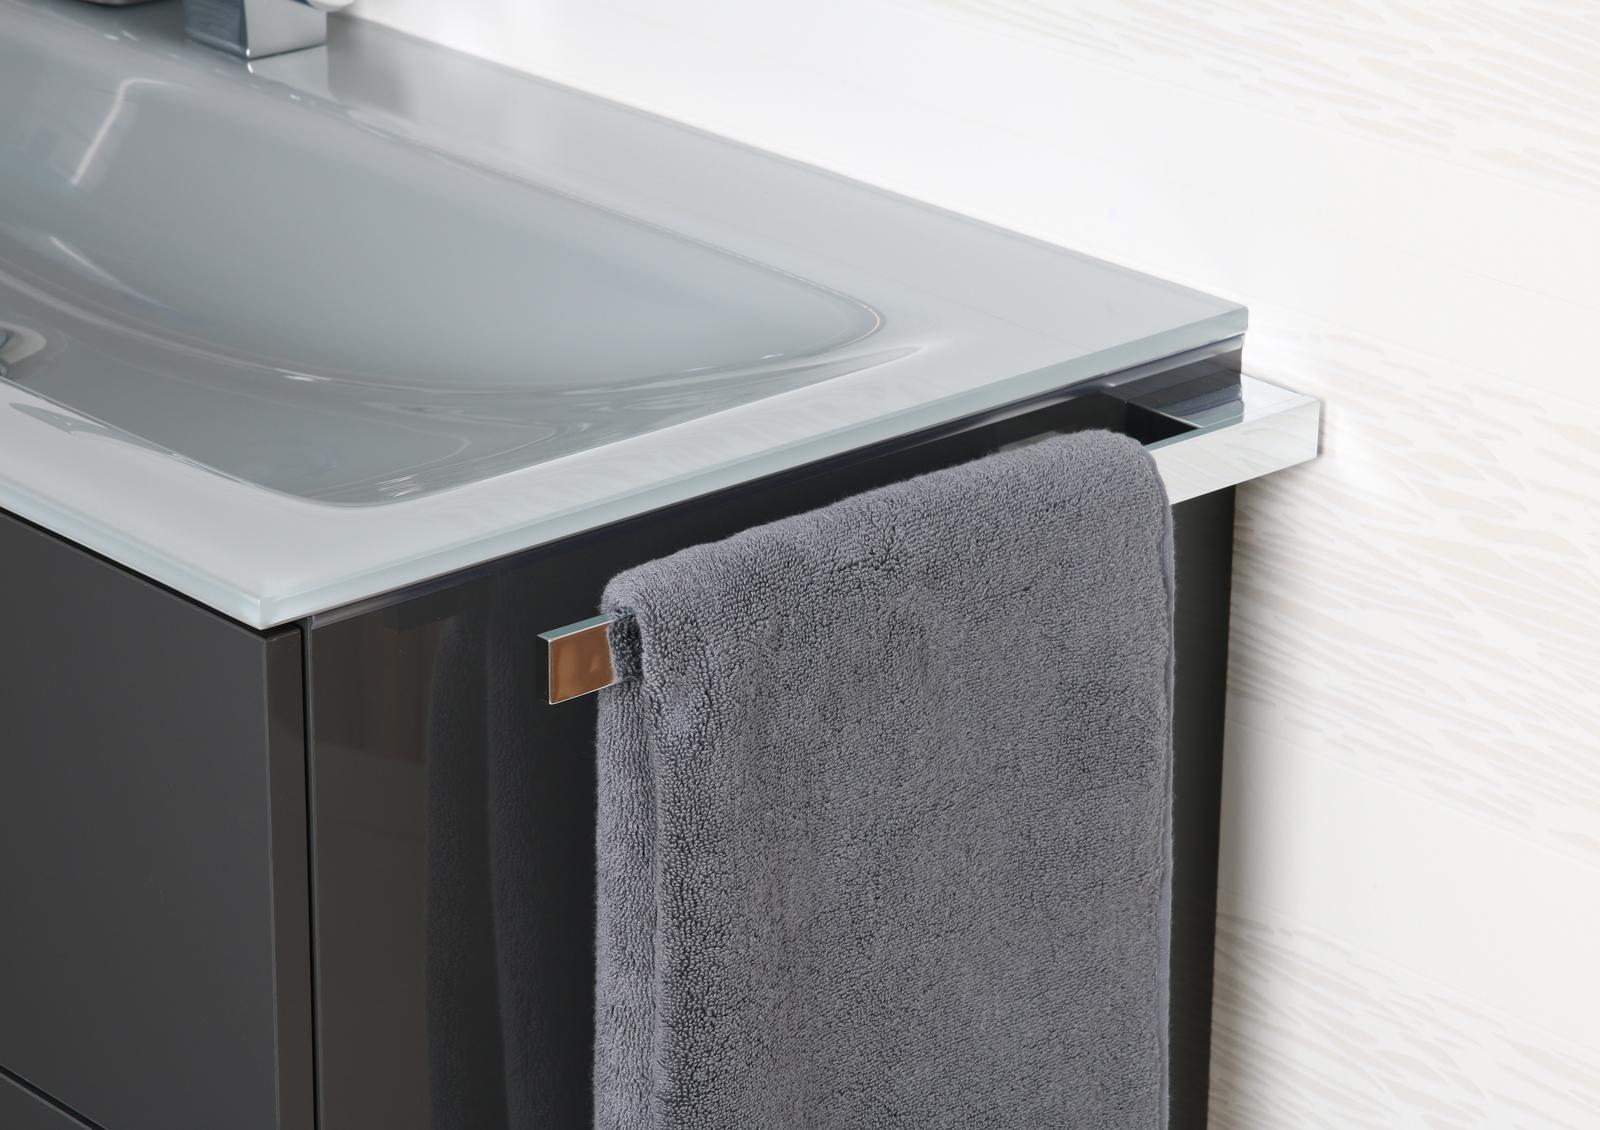 Handtuchhalter Bad Chrom Design Handtuchstange bad